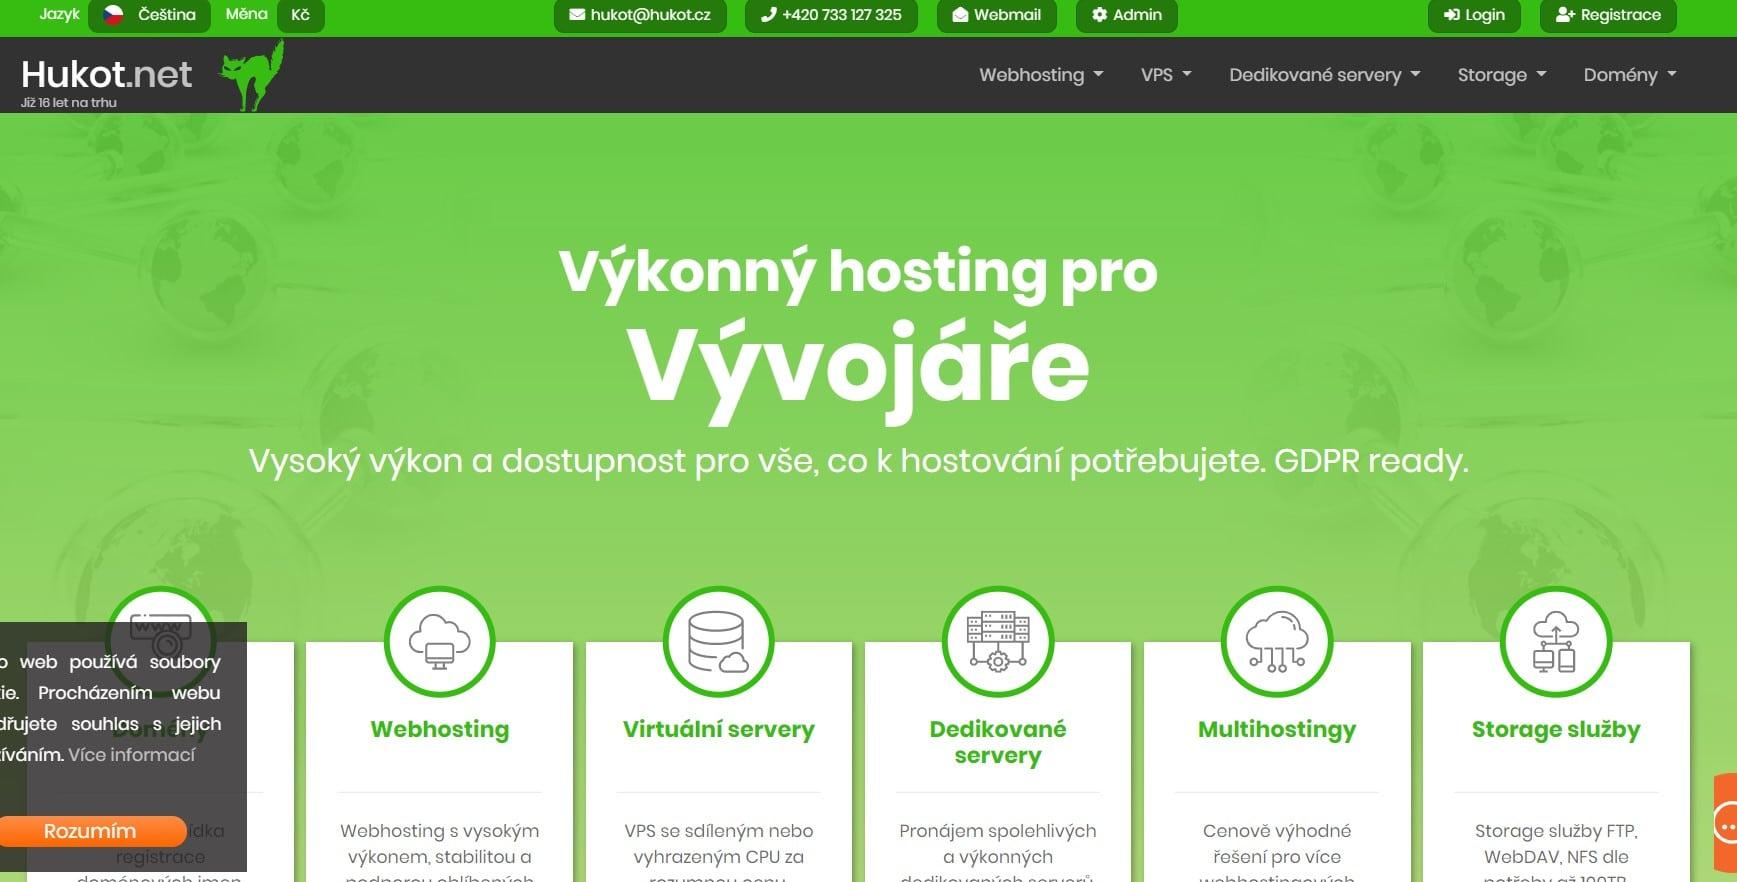 Hlavní strana webu hukot.net